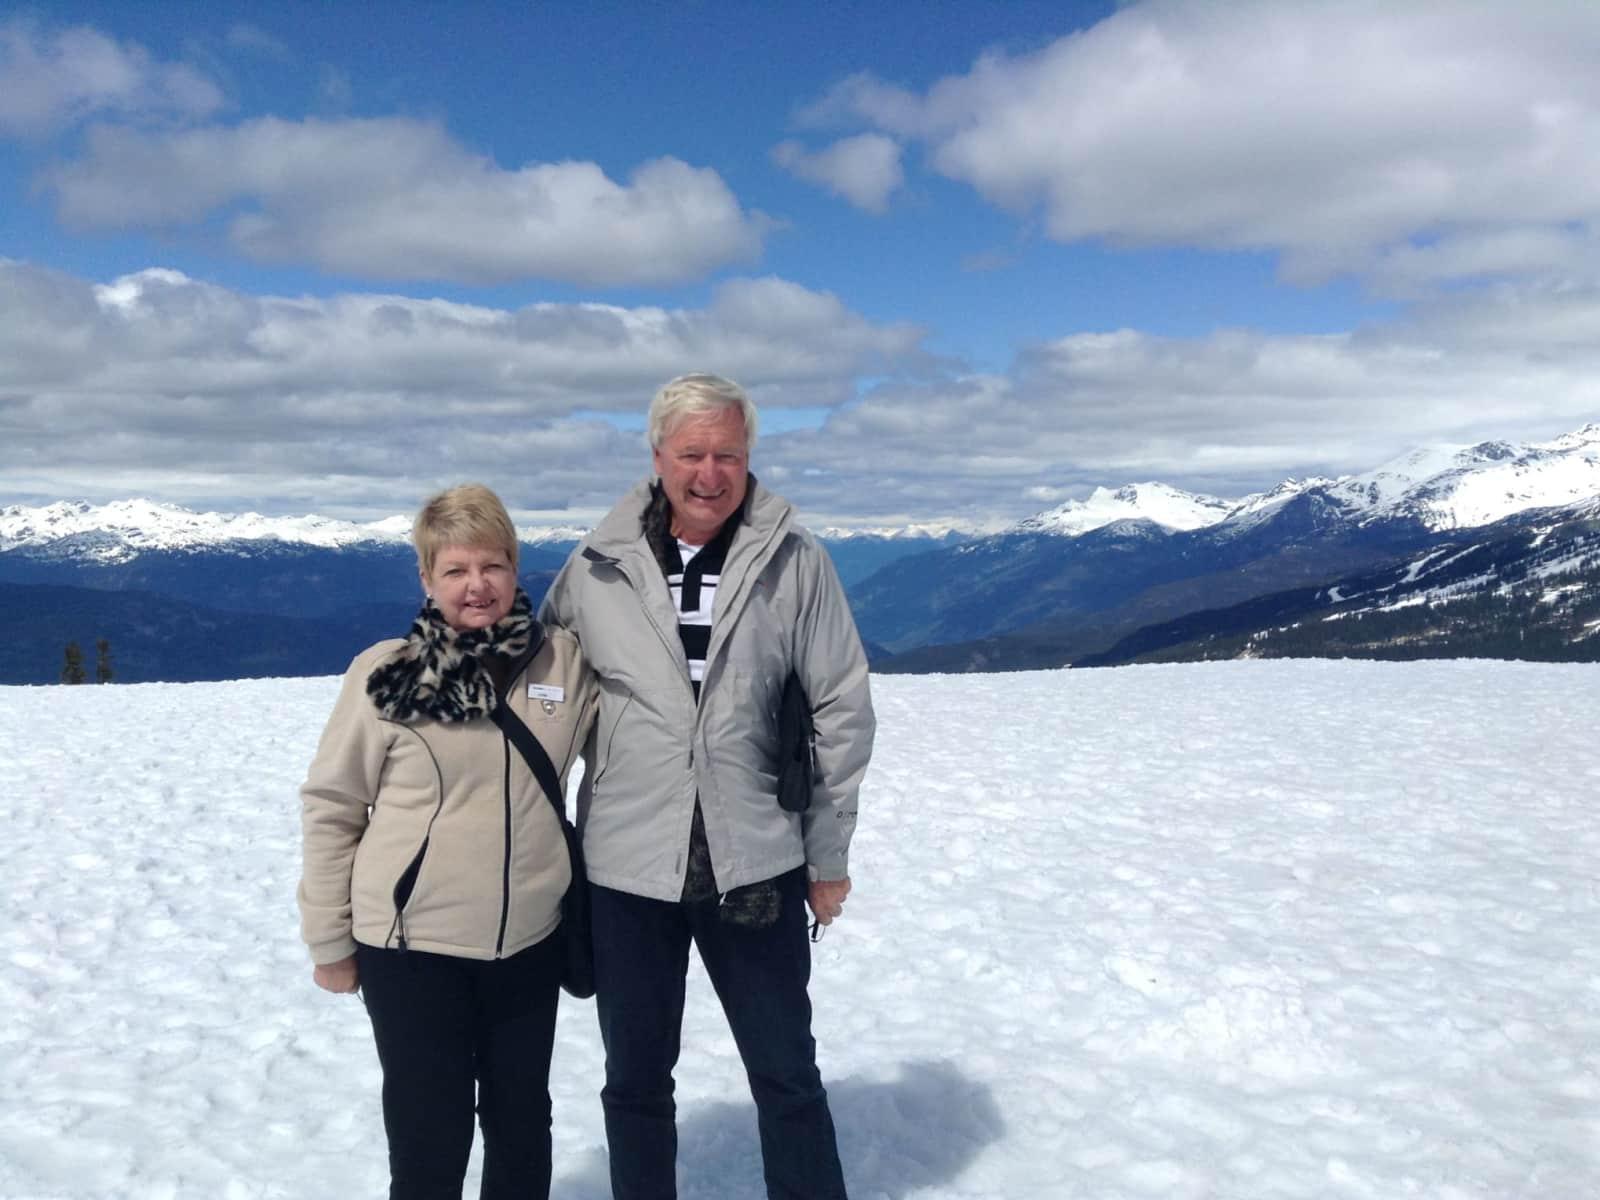 Julie & Ken from Busselton, Western Australia, Australia